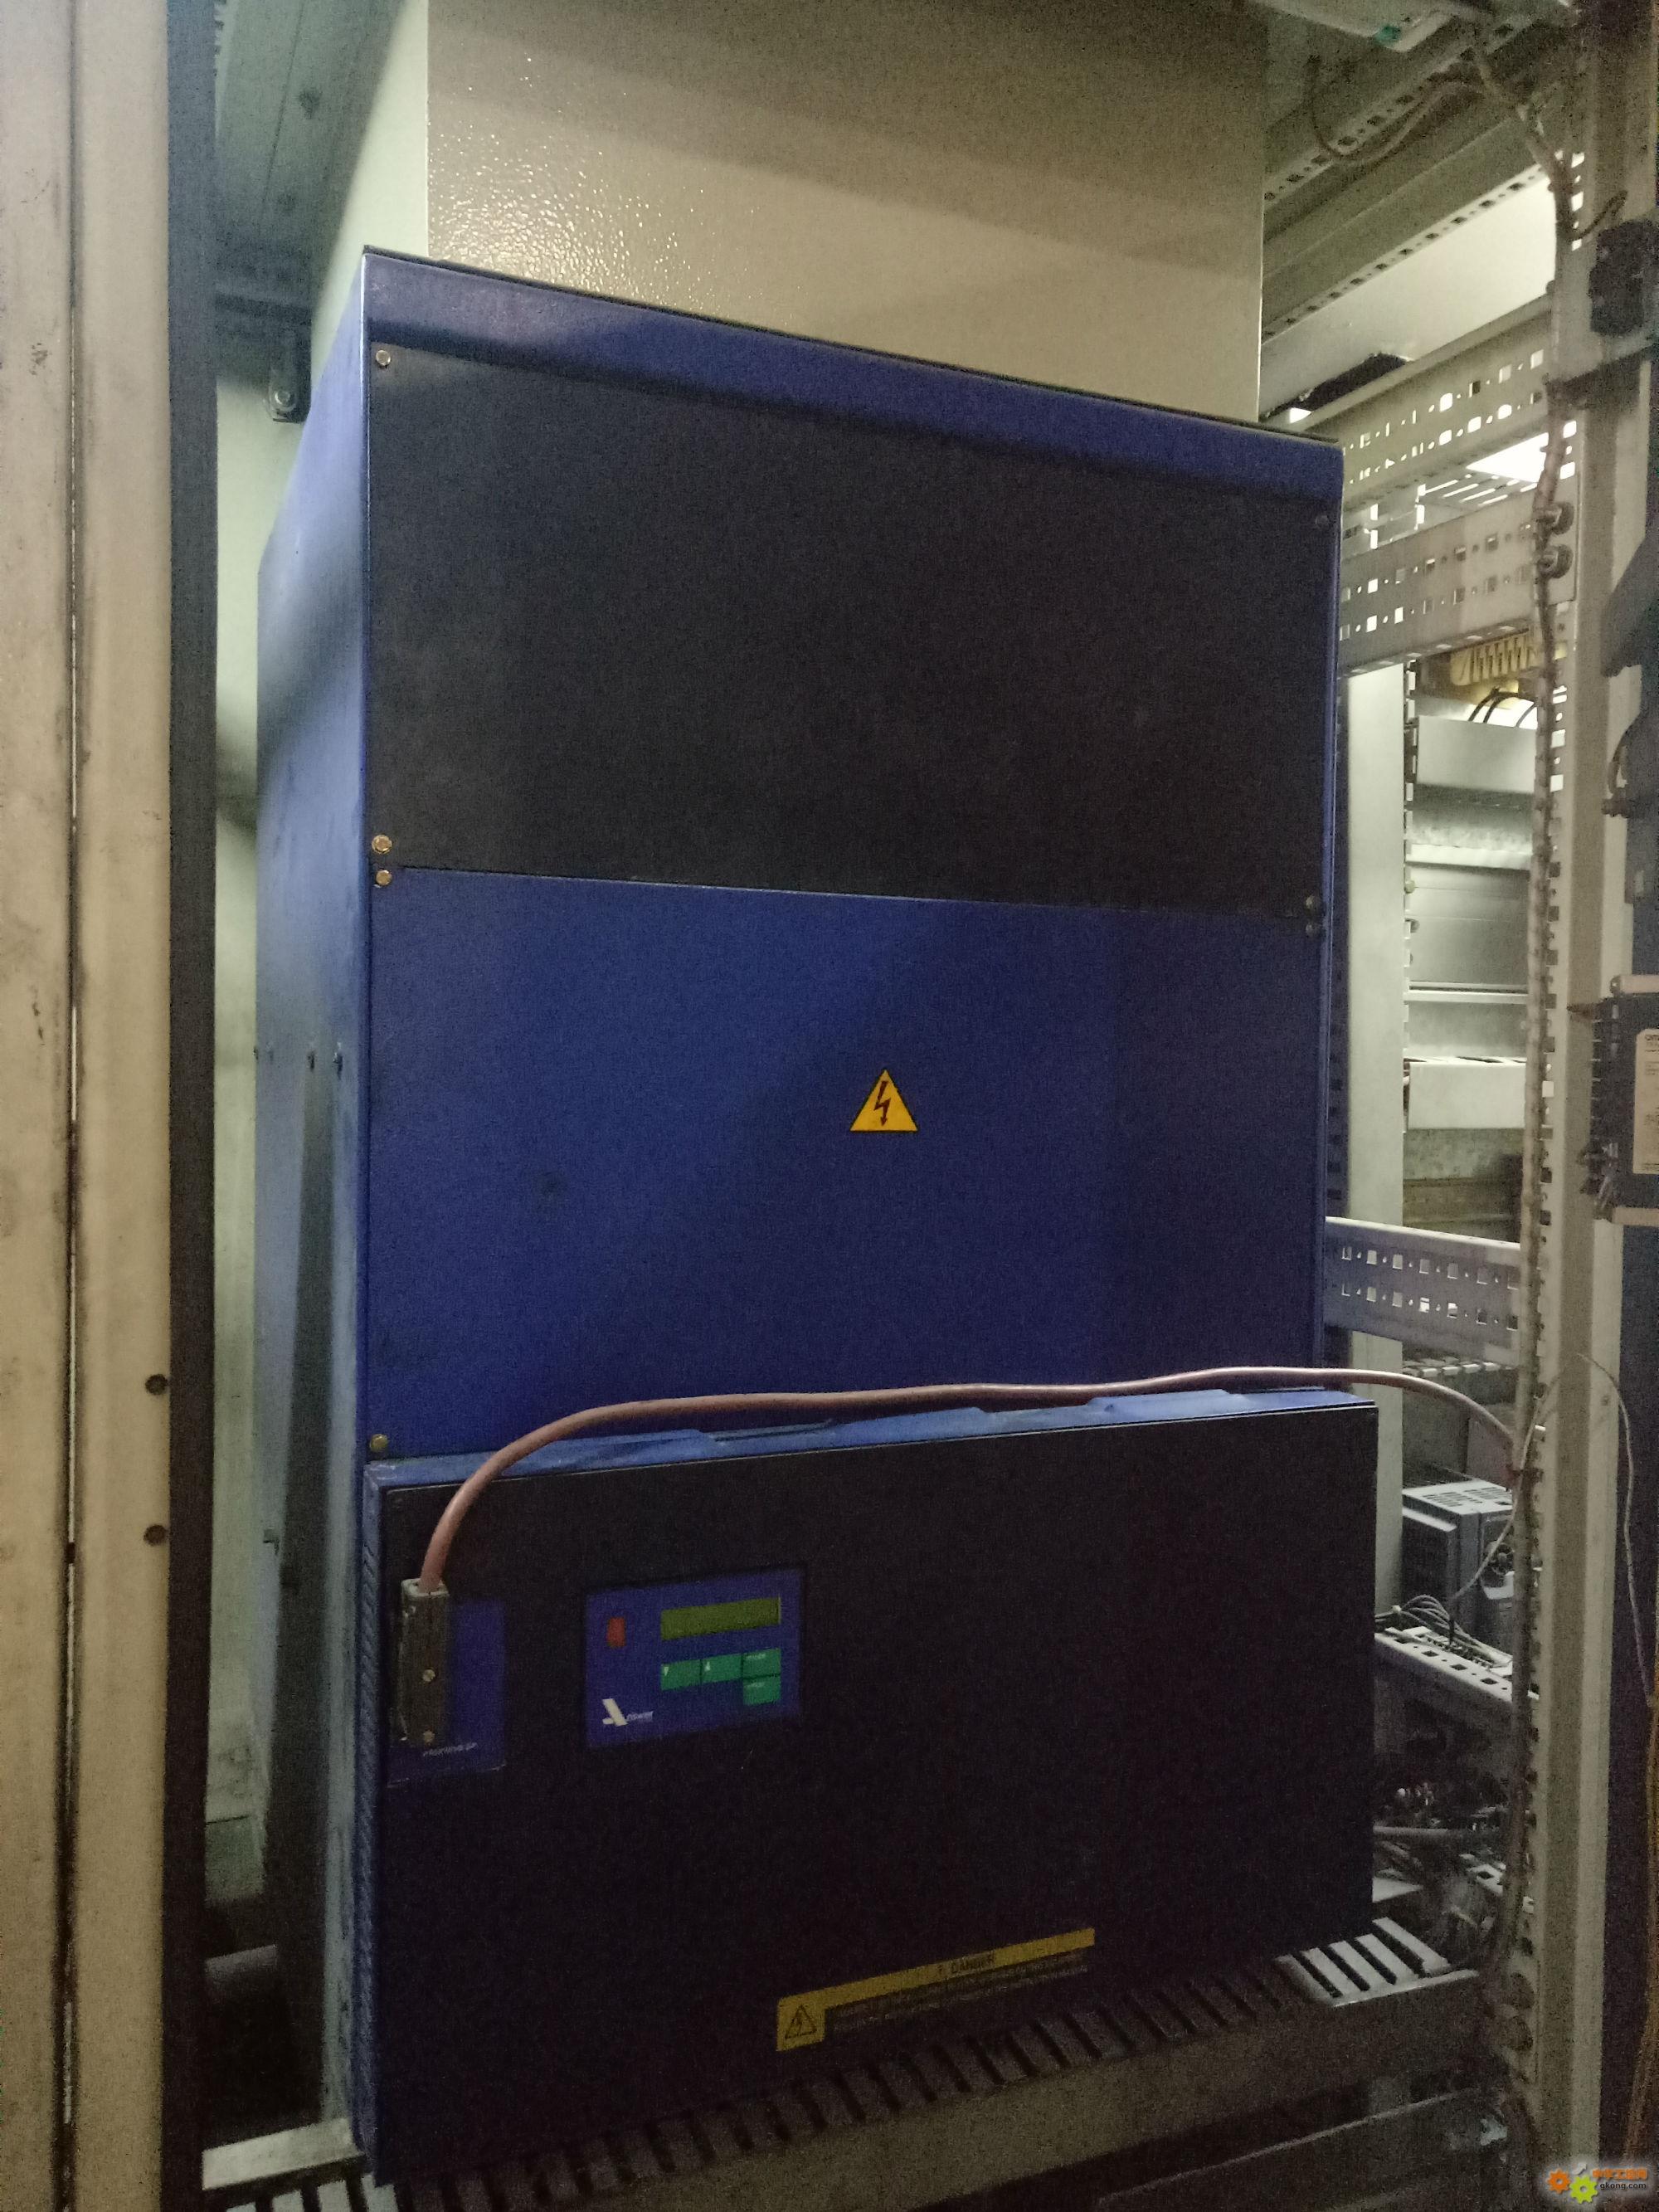 附件 安萨尔多SPDM 系列直流调速器3600a整机.jpg